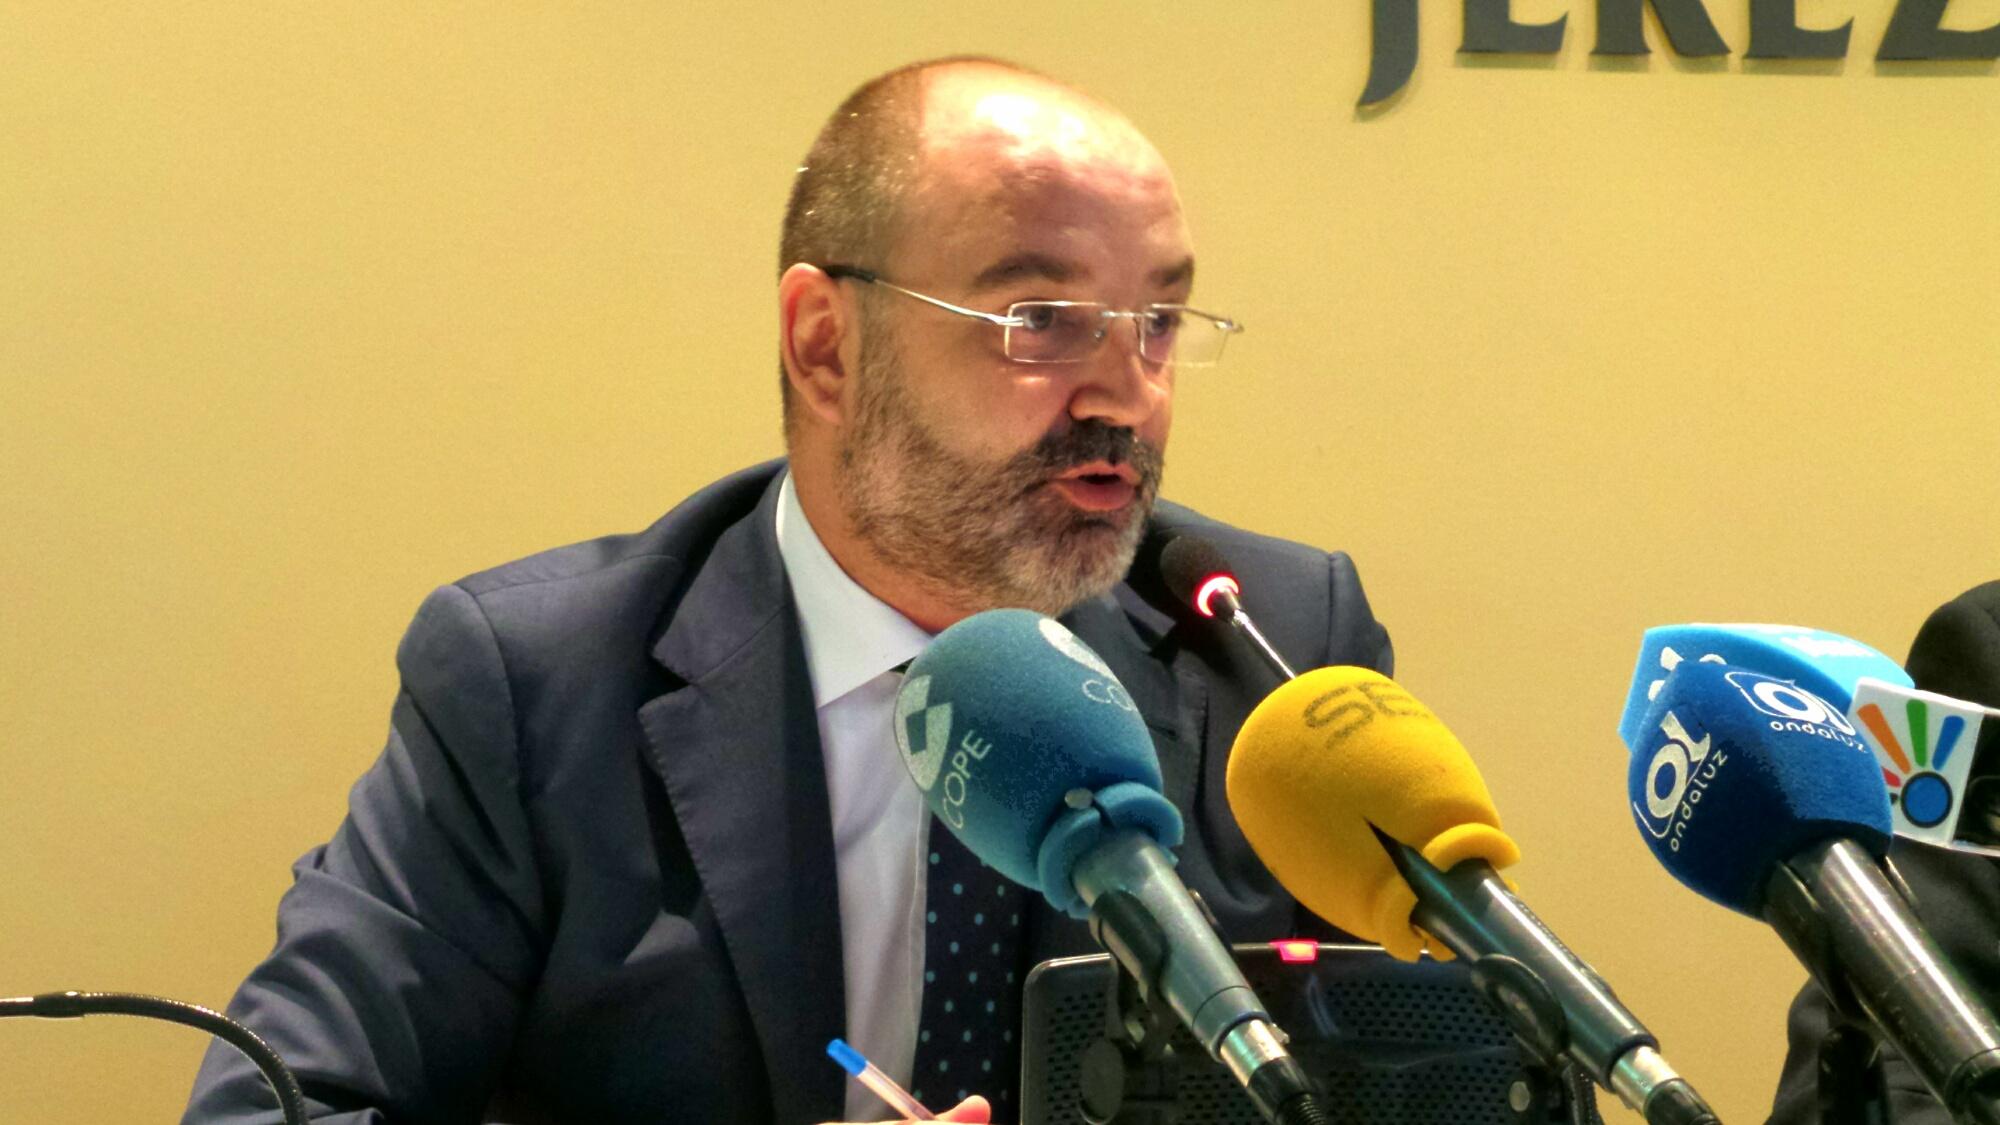 Luciano García - ICAB Jerez